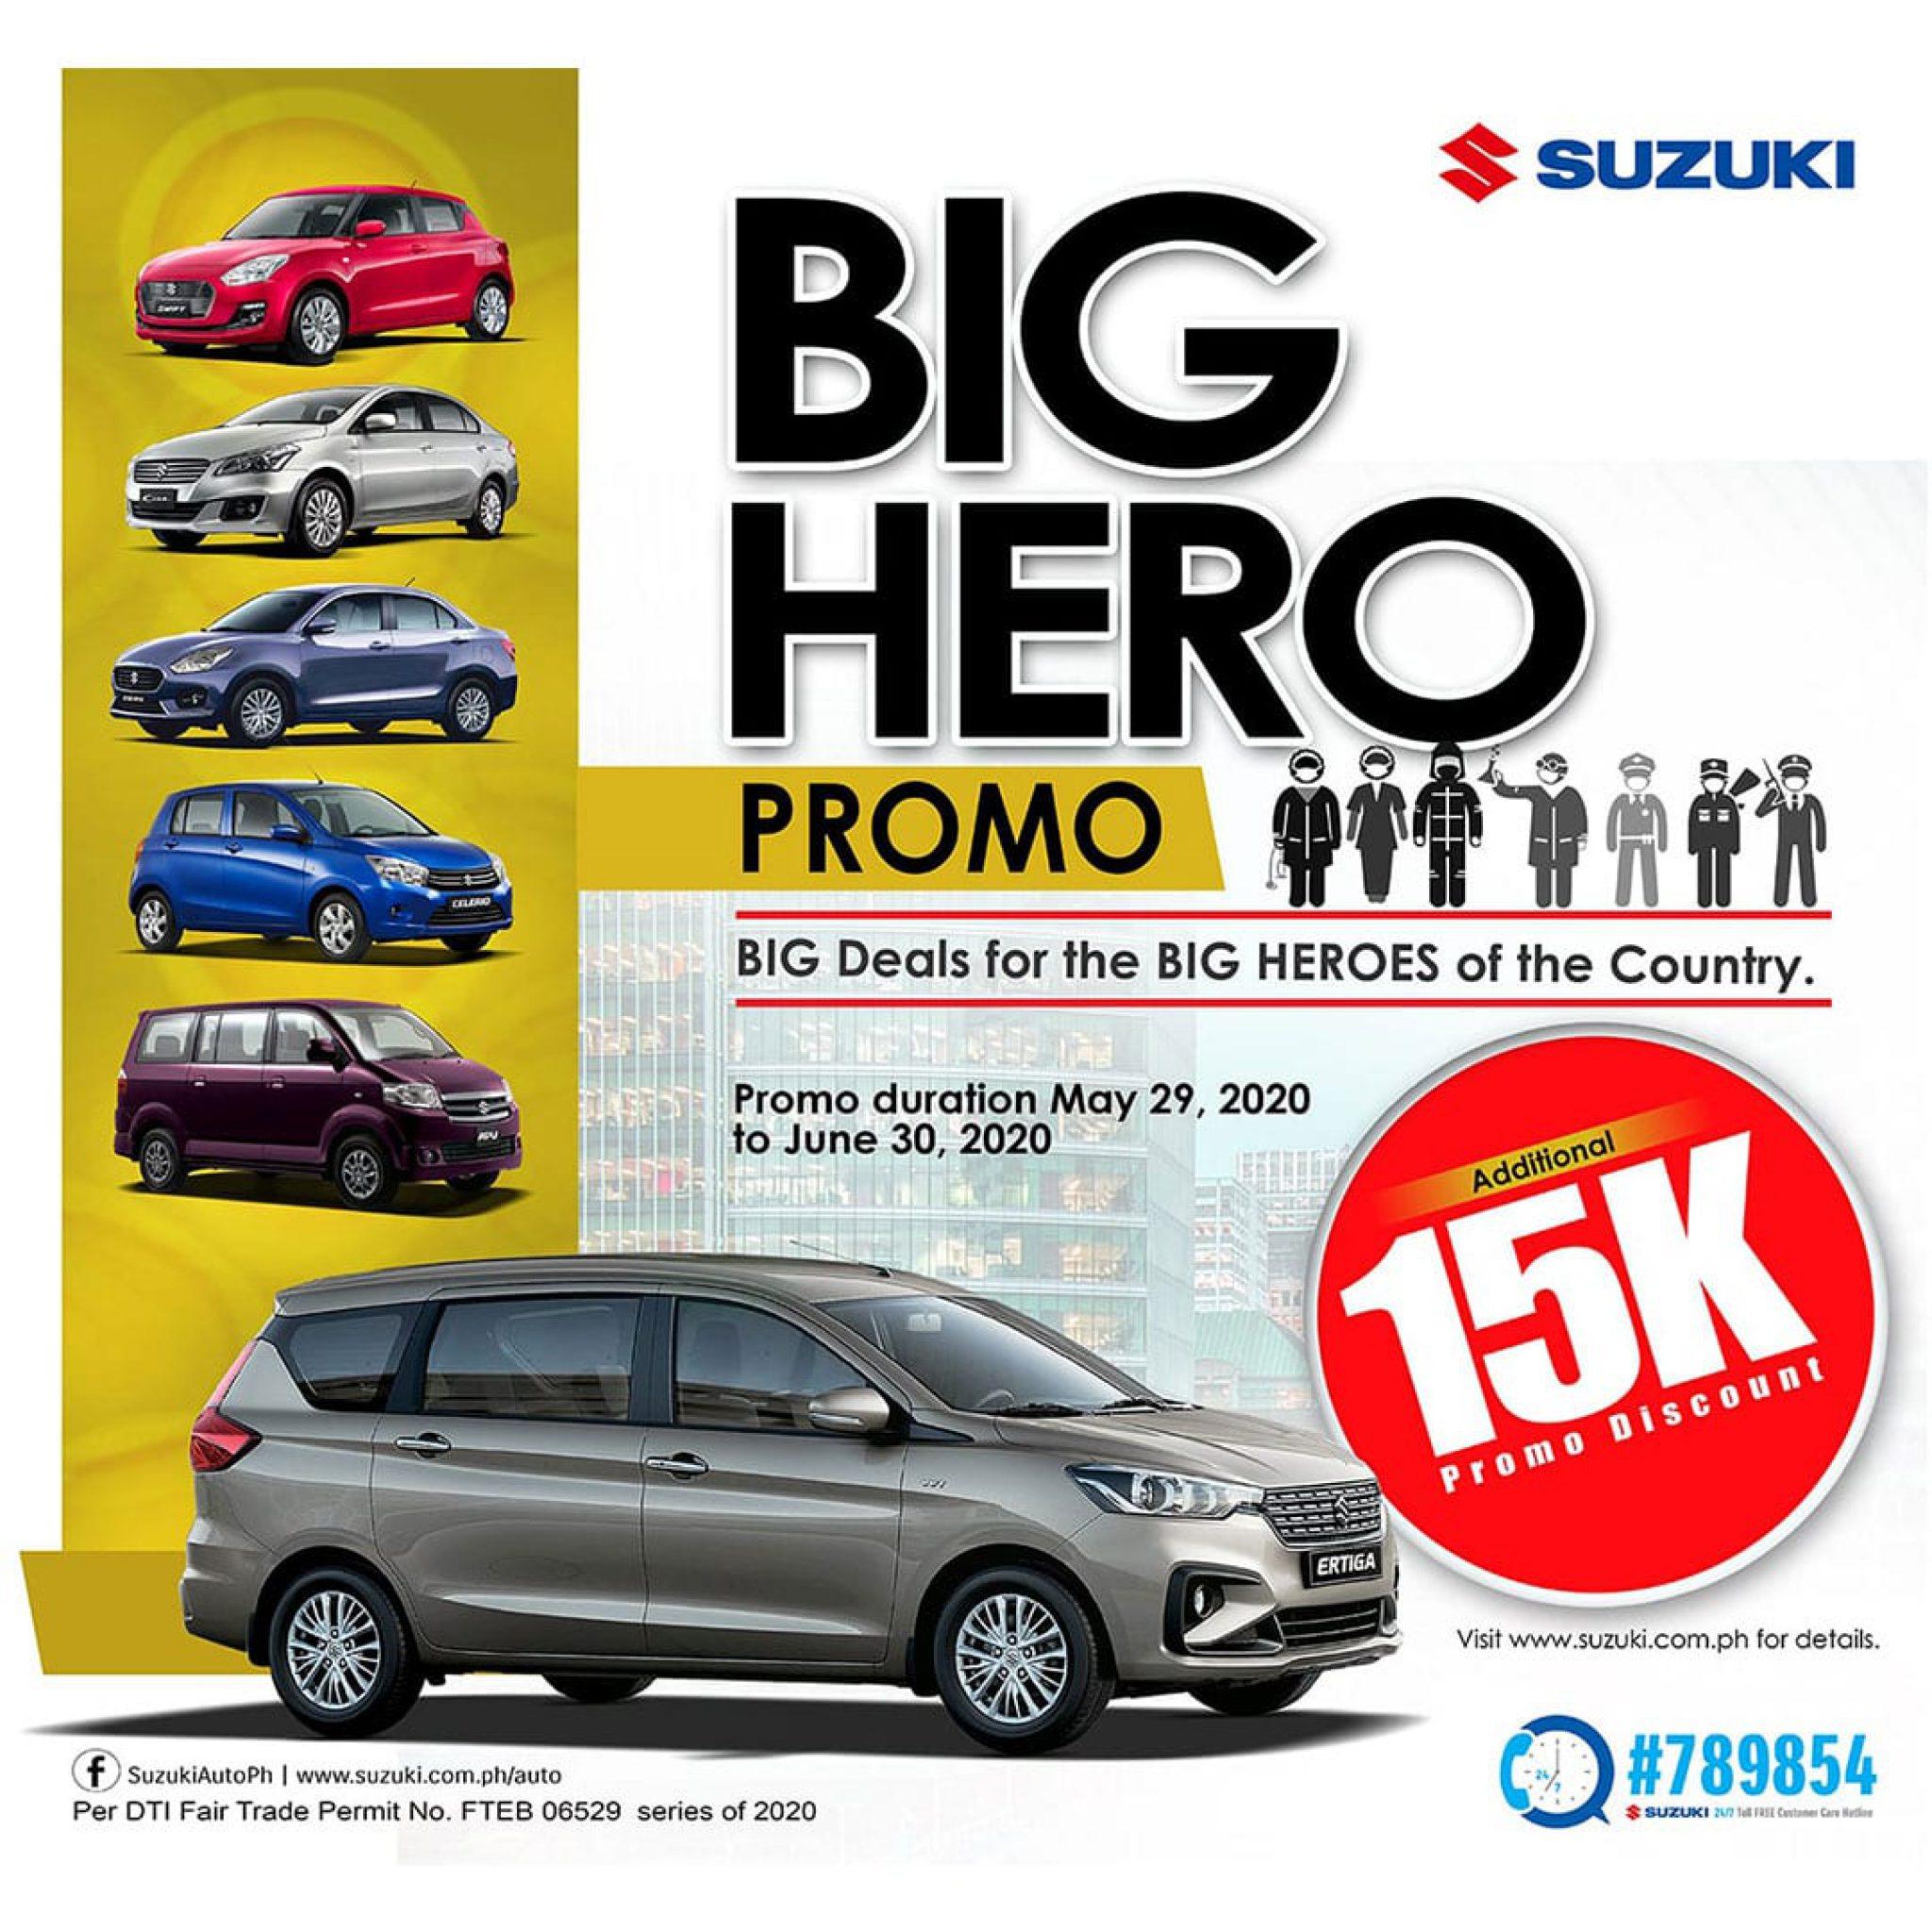 Suzuki Big Hero promo